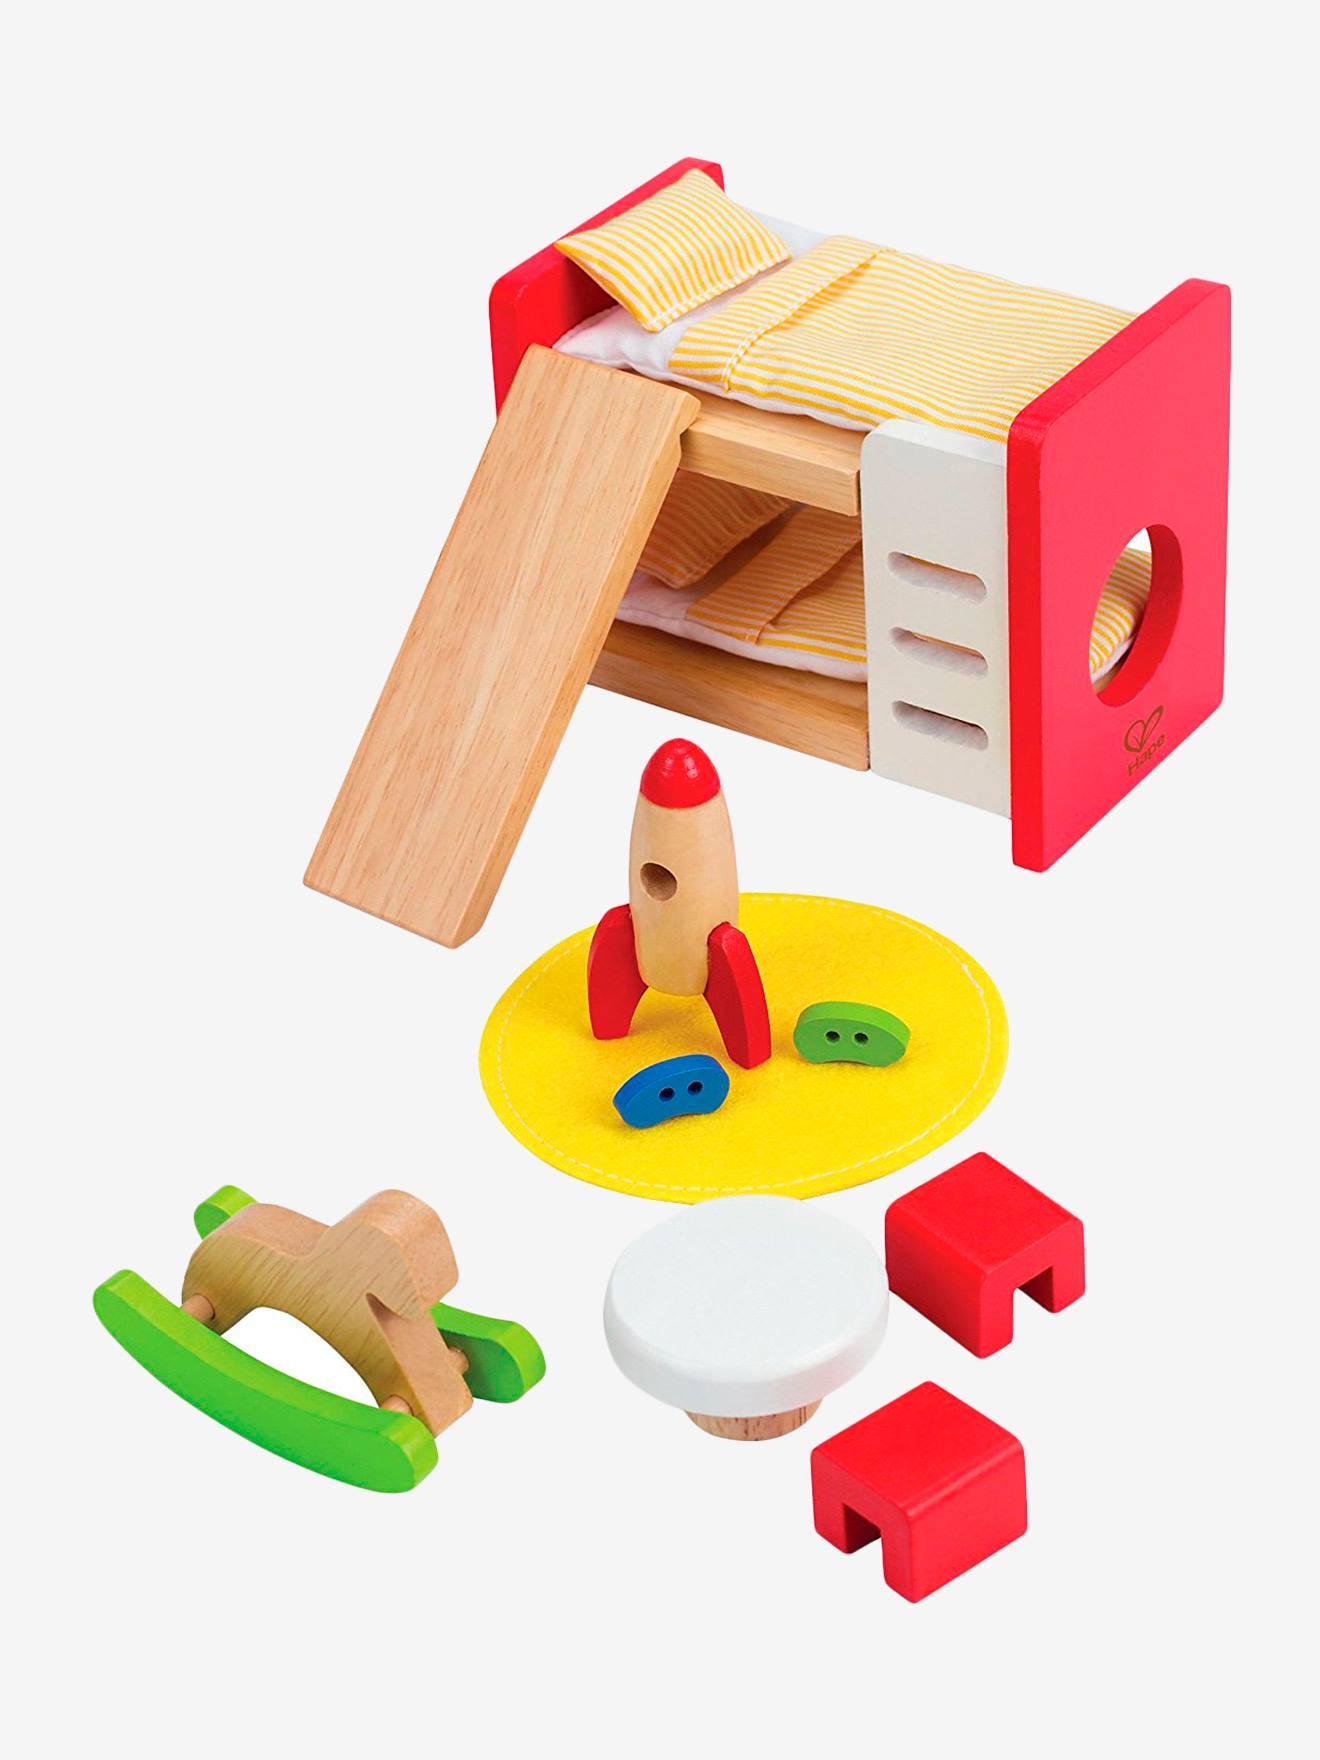 Chambre d'enfant en bois Hape multicolore